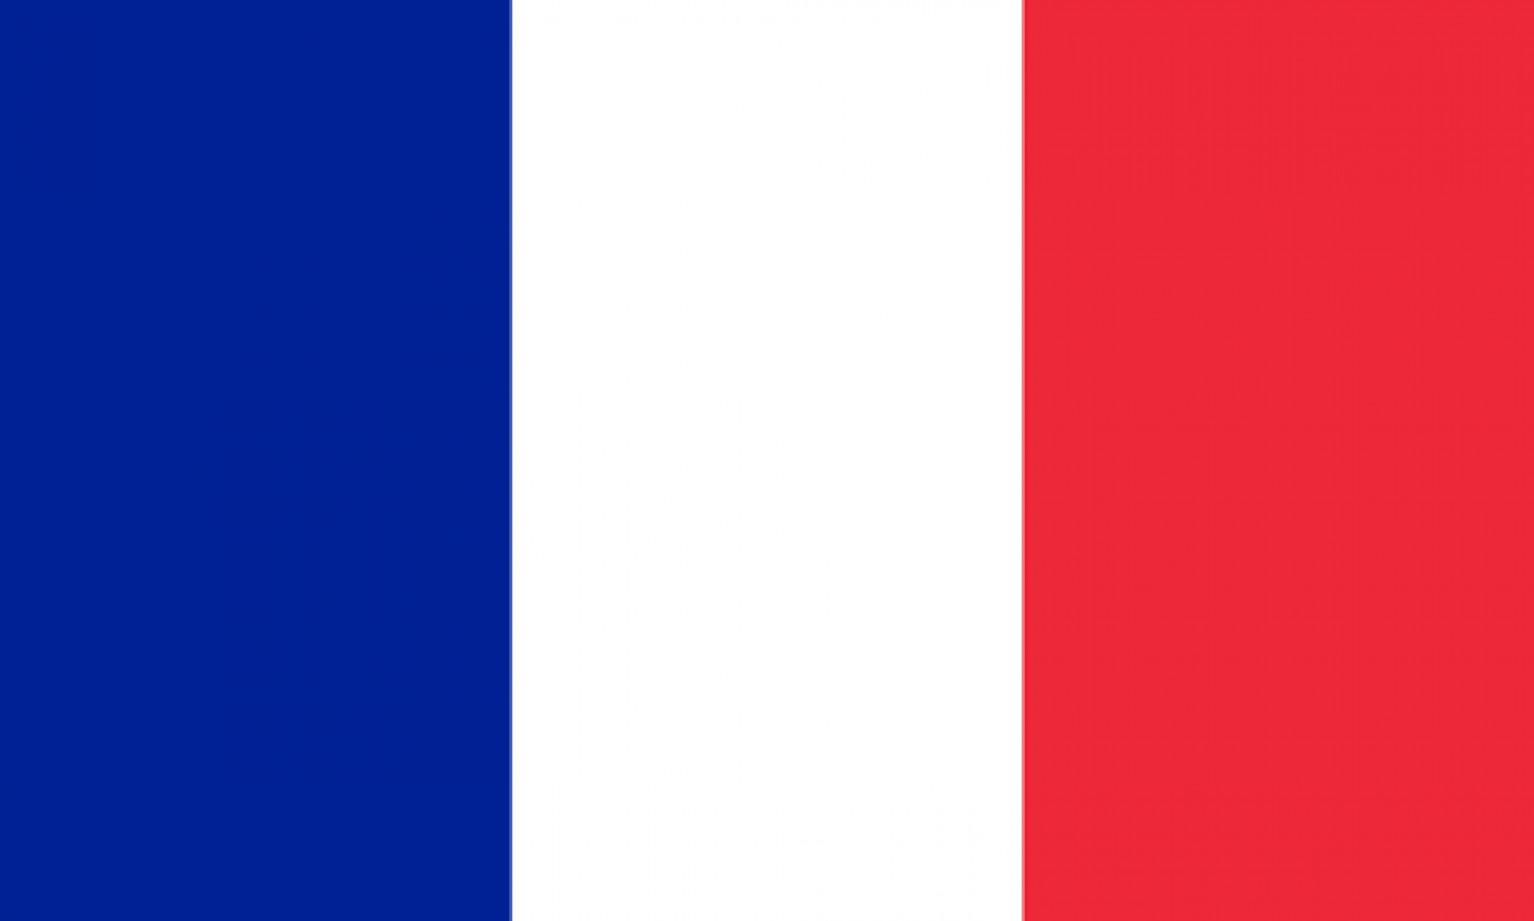 French Peer-to-Peer lending platforms